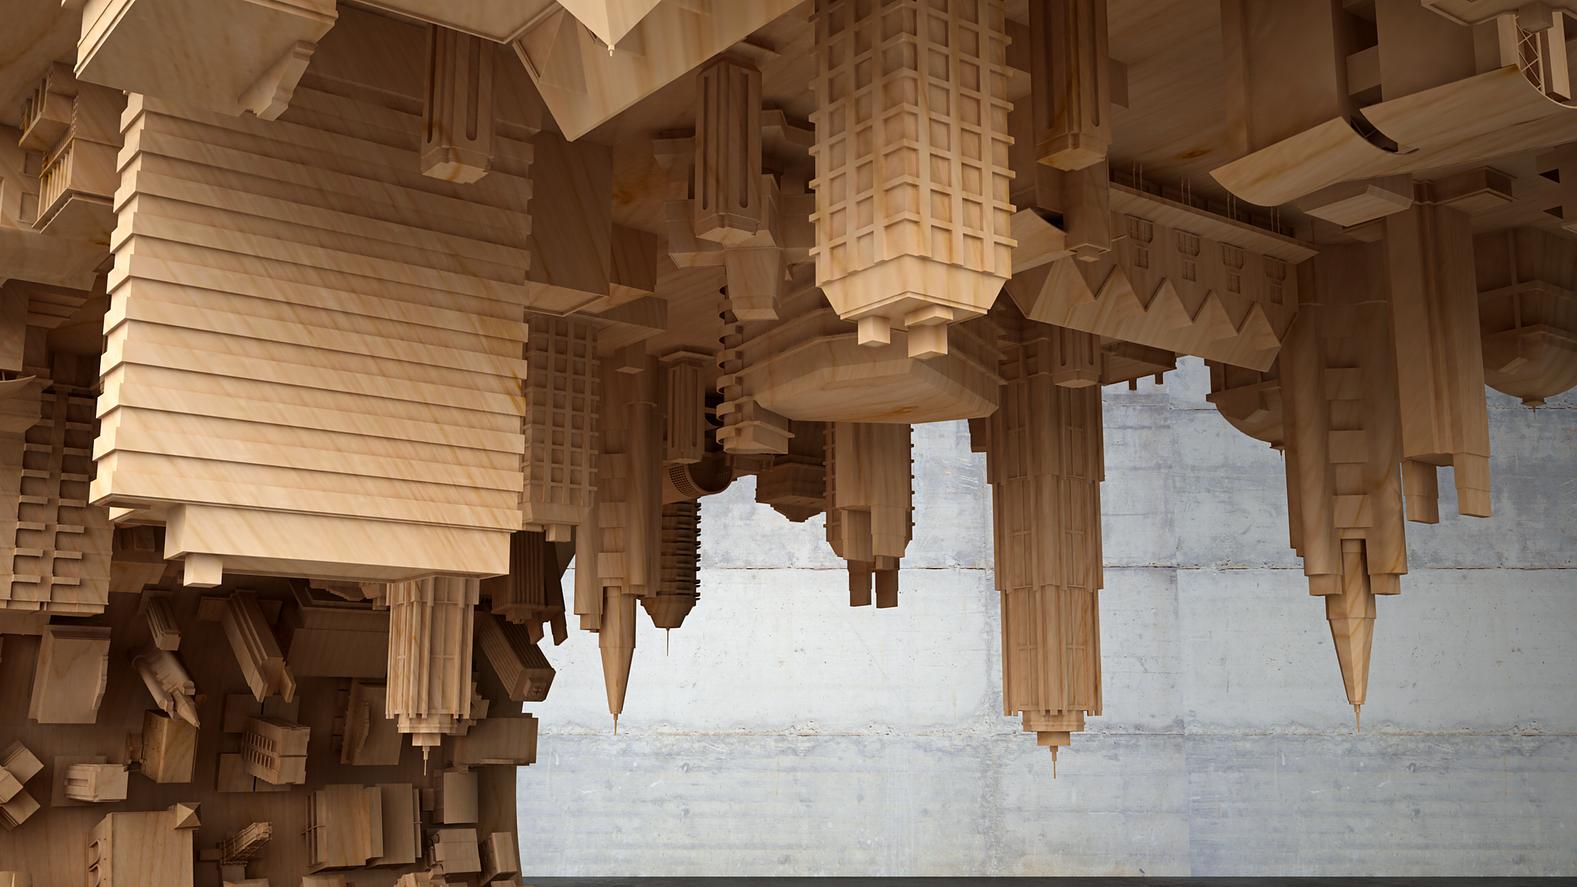 Здания имеют мелкие детали, которые выполнены с невероятной точностью